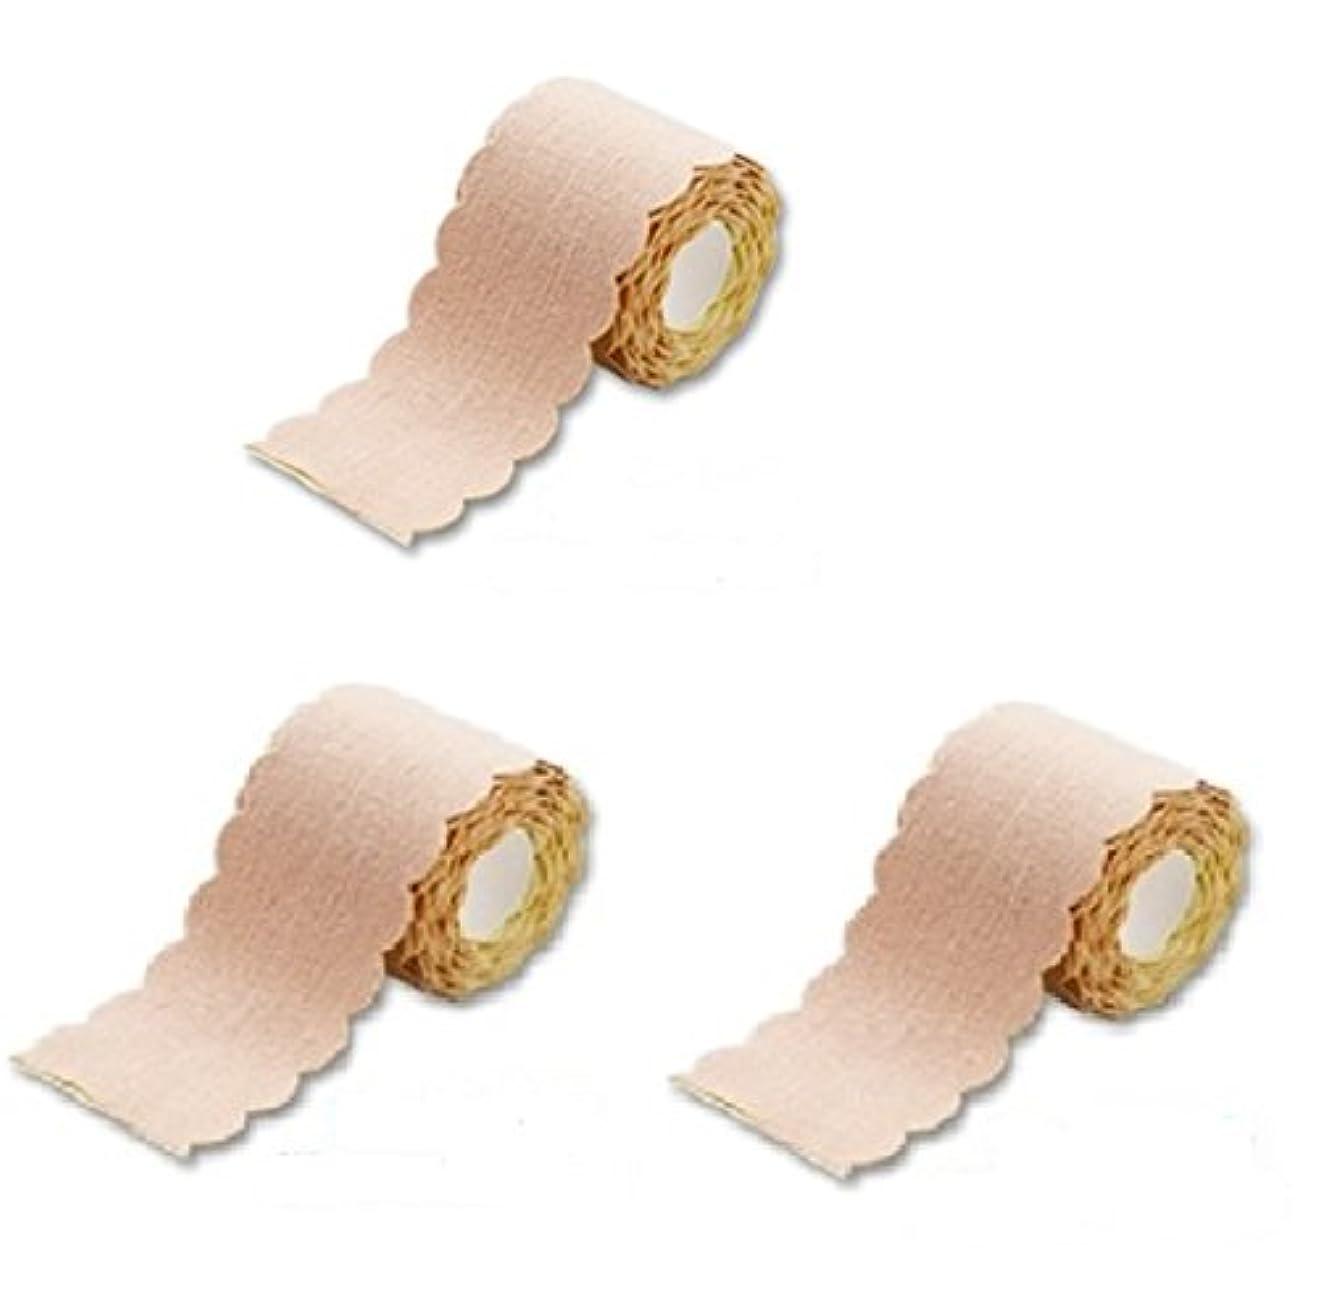 告発者にぎやか脊椎直接貼るからズレない汗シート! 汗取りパッド ワキに直接貼る汗とりシート ロールタイプ 3m×3個セット (たっぷり9m 特別お得セット)まとめ割 脇汗ジミ わき汗 対策